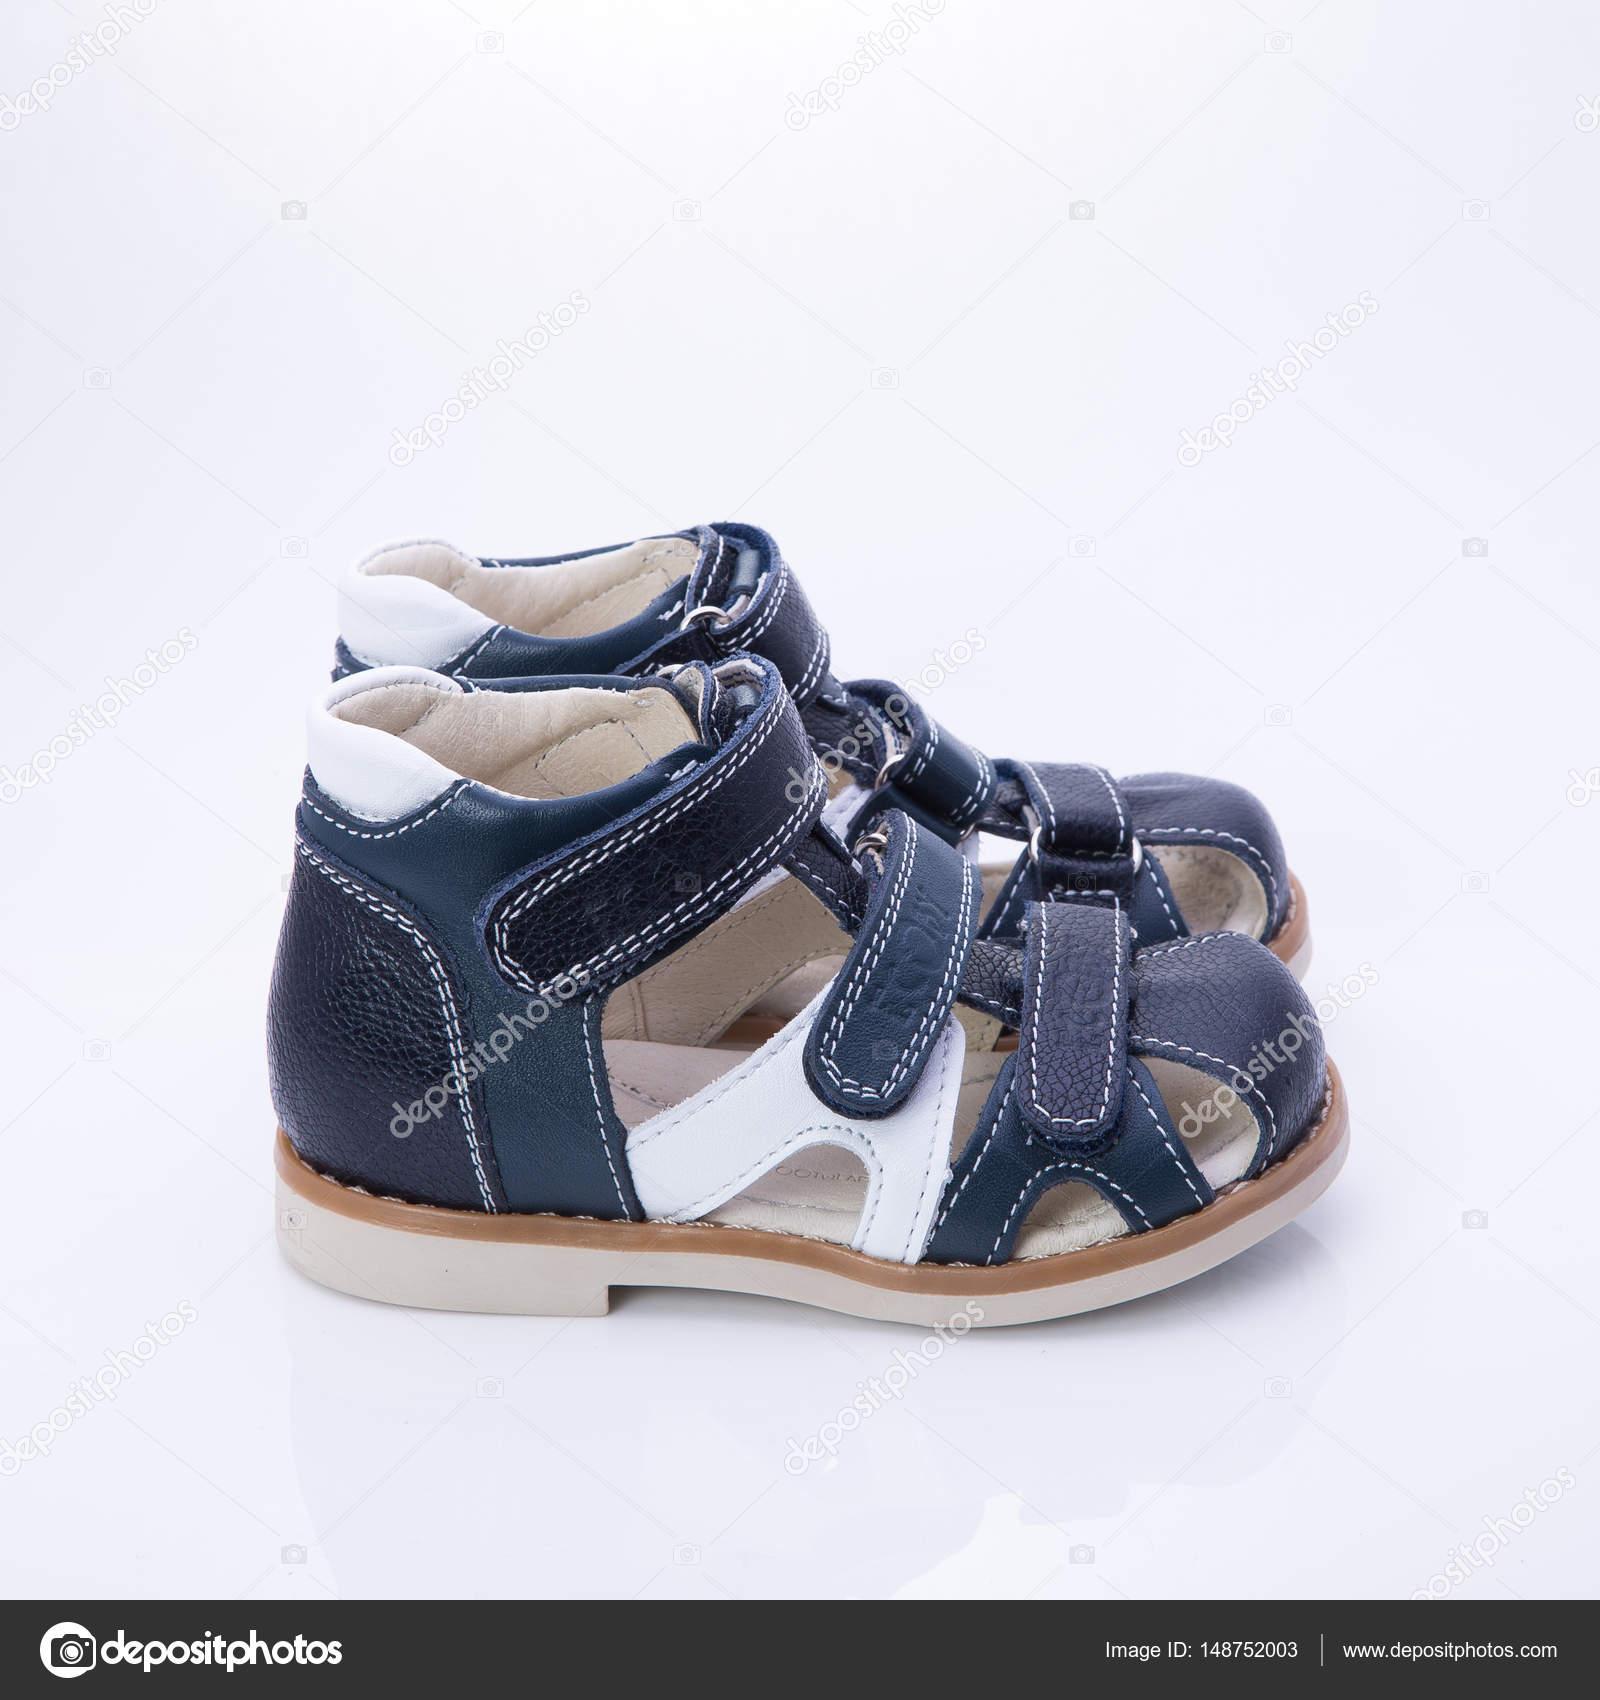 9fb21bd9 Zapatos ortopédicos para niños sobre un fondo blanco — Foto de Stock